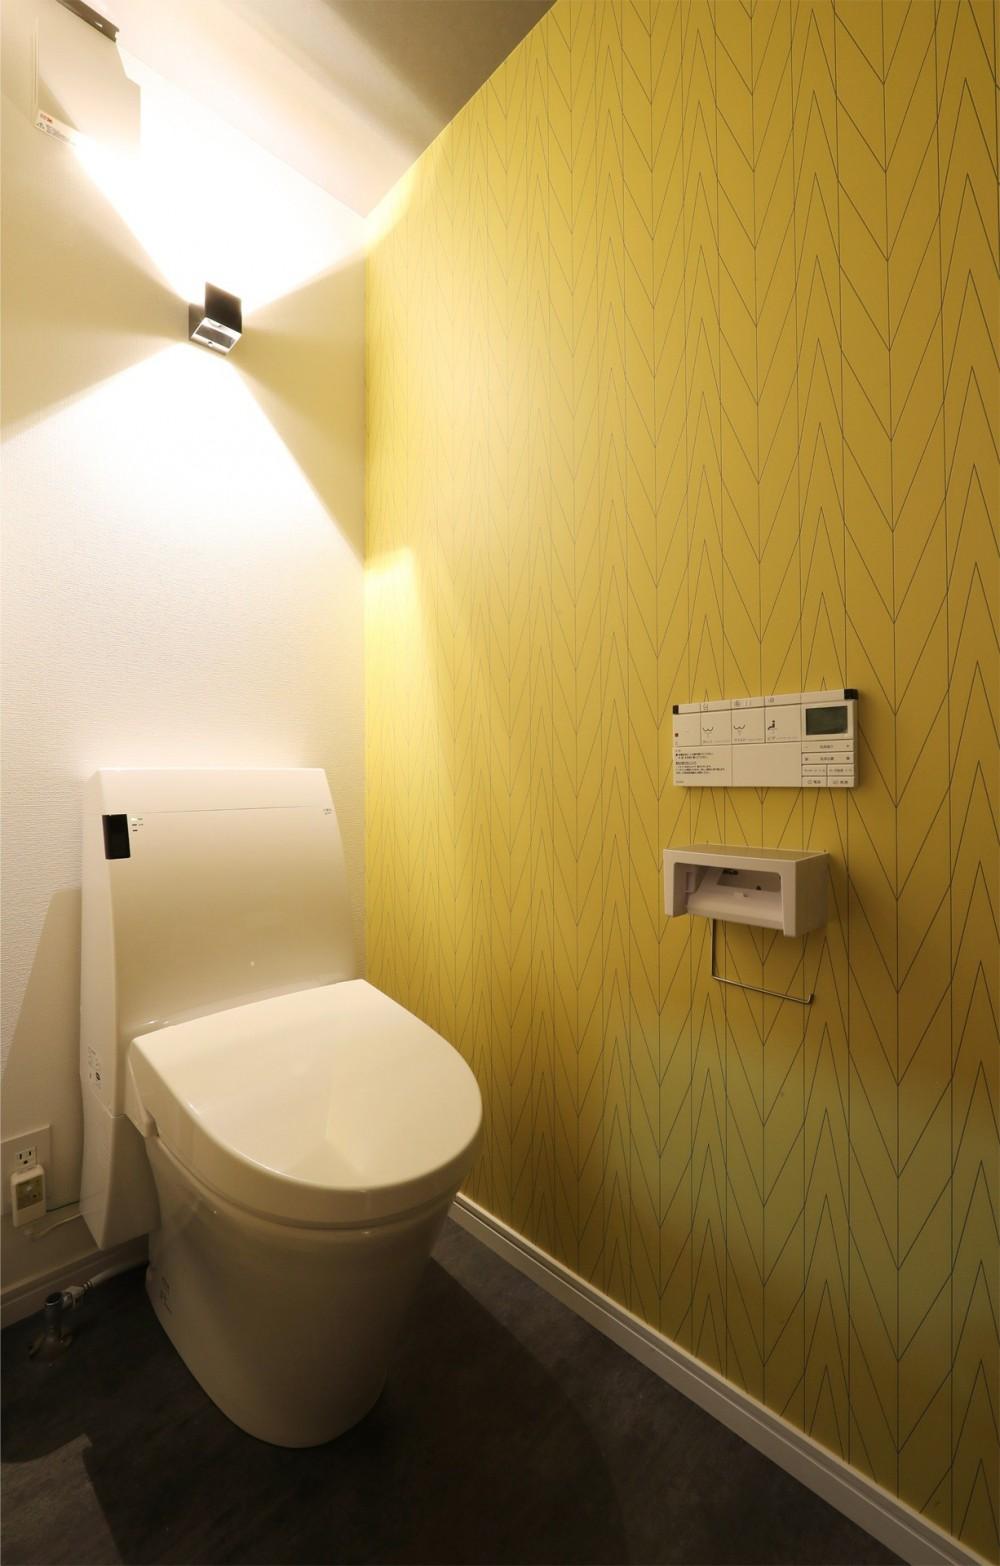 外部の視線を気にしない2階LDKの家 (トイレ)